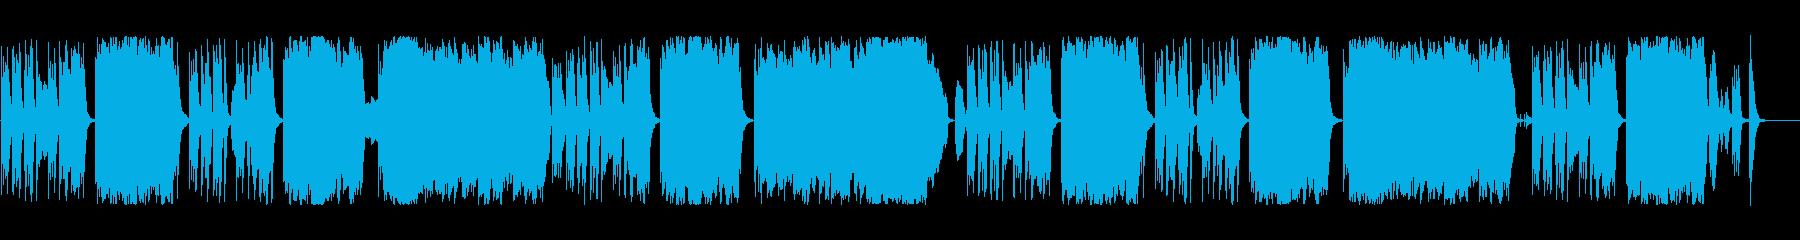 コミカルでかわいい日常系BGMの再生済みの波形